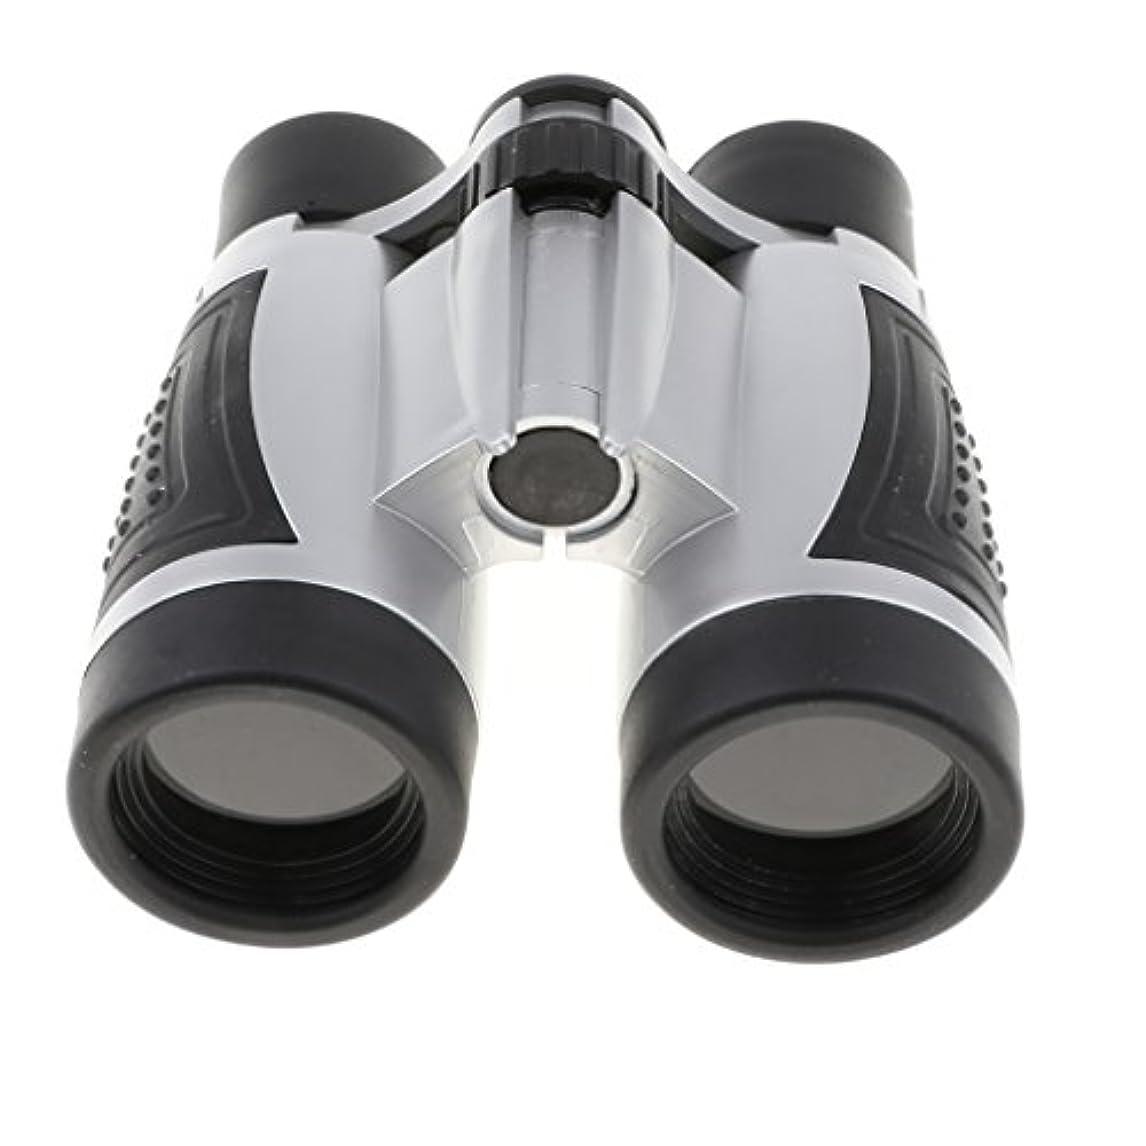 現像物足りない実現可能Fenteer 6x30mm 双眼鏡 望遠鏡 ナイトビジョン 倍率10倍 双眼鏡 屋外鑑賞 コンサート スポーツ観戦 など ユニバーサル